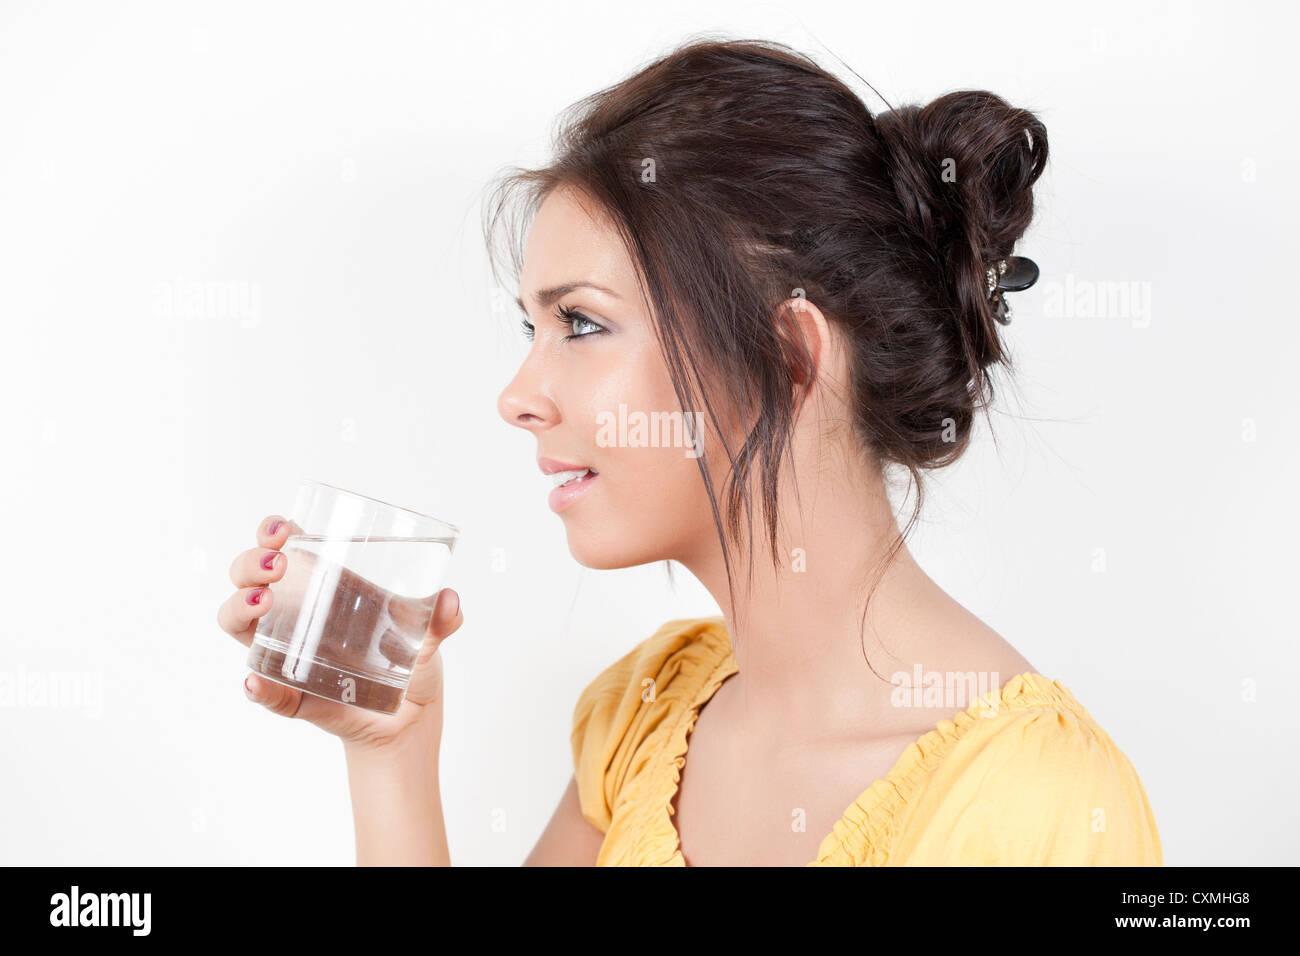 Mujer de un vaso de agua potable Imagen De Stock